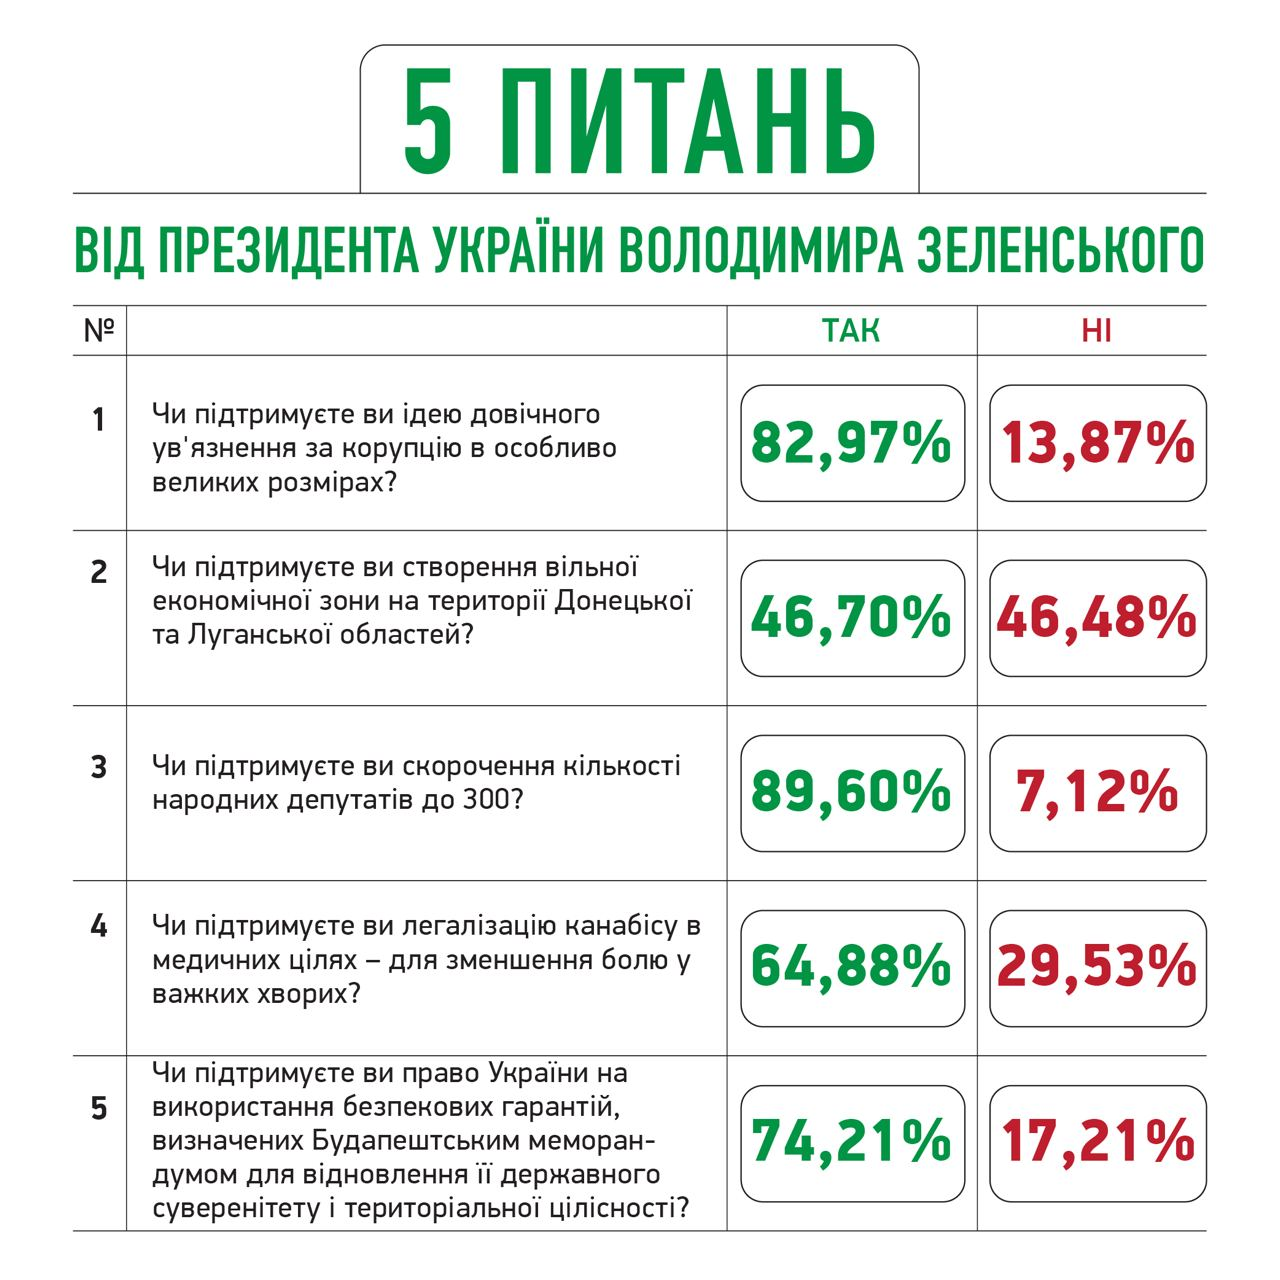 Как украинцы ответили на вопросы Зеленского: предварительные результаты